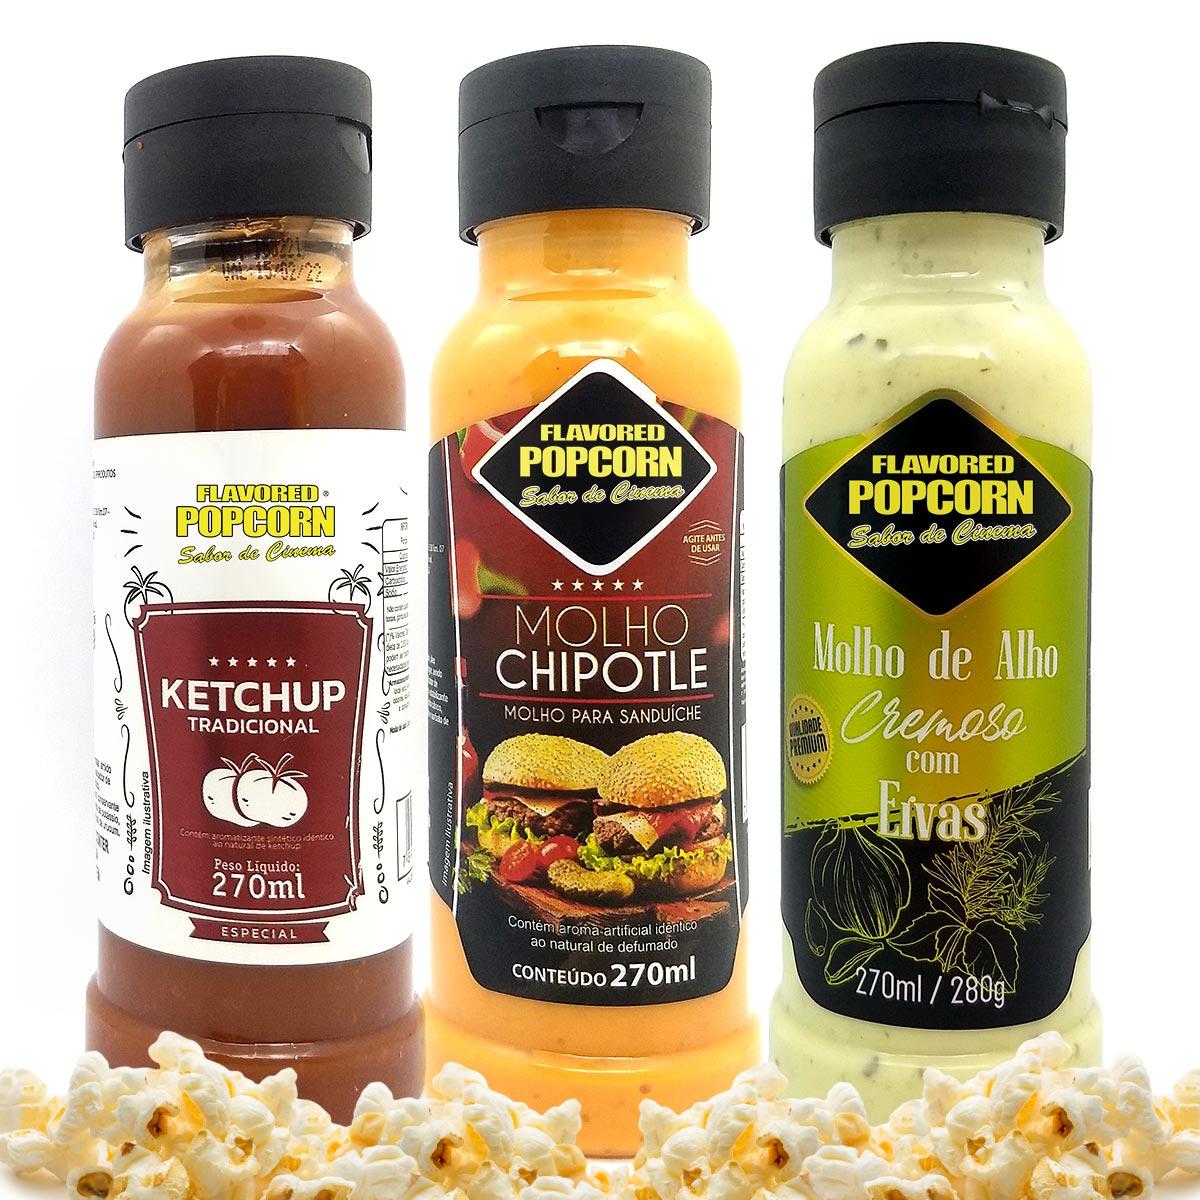 Combo 3 Sabores de Molhos: Chipotle, Alho Cremoso com Ervas e Ketchup